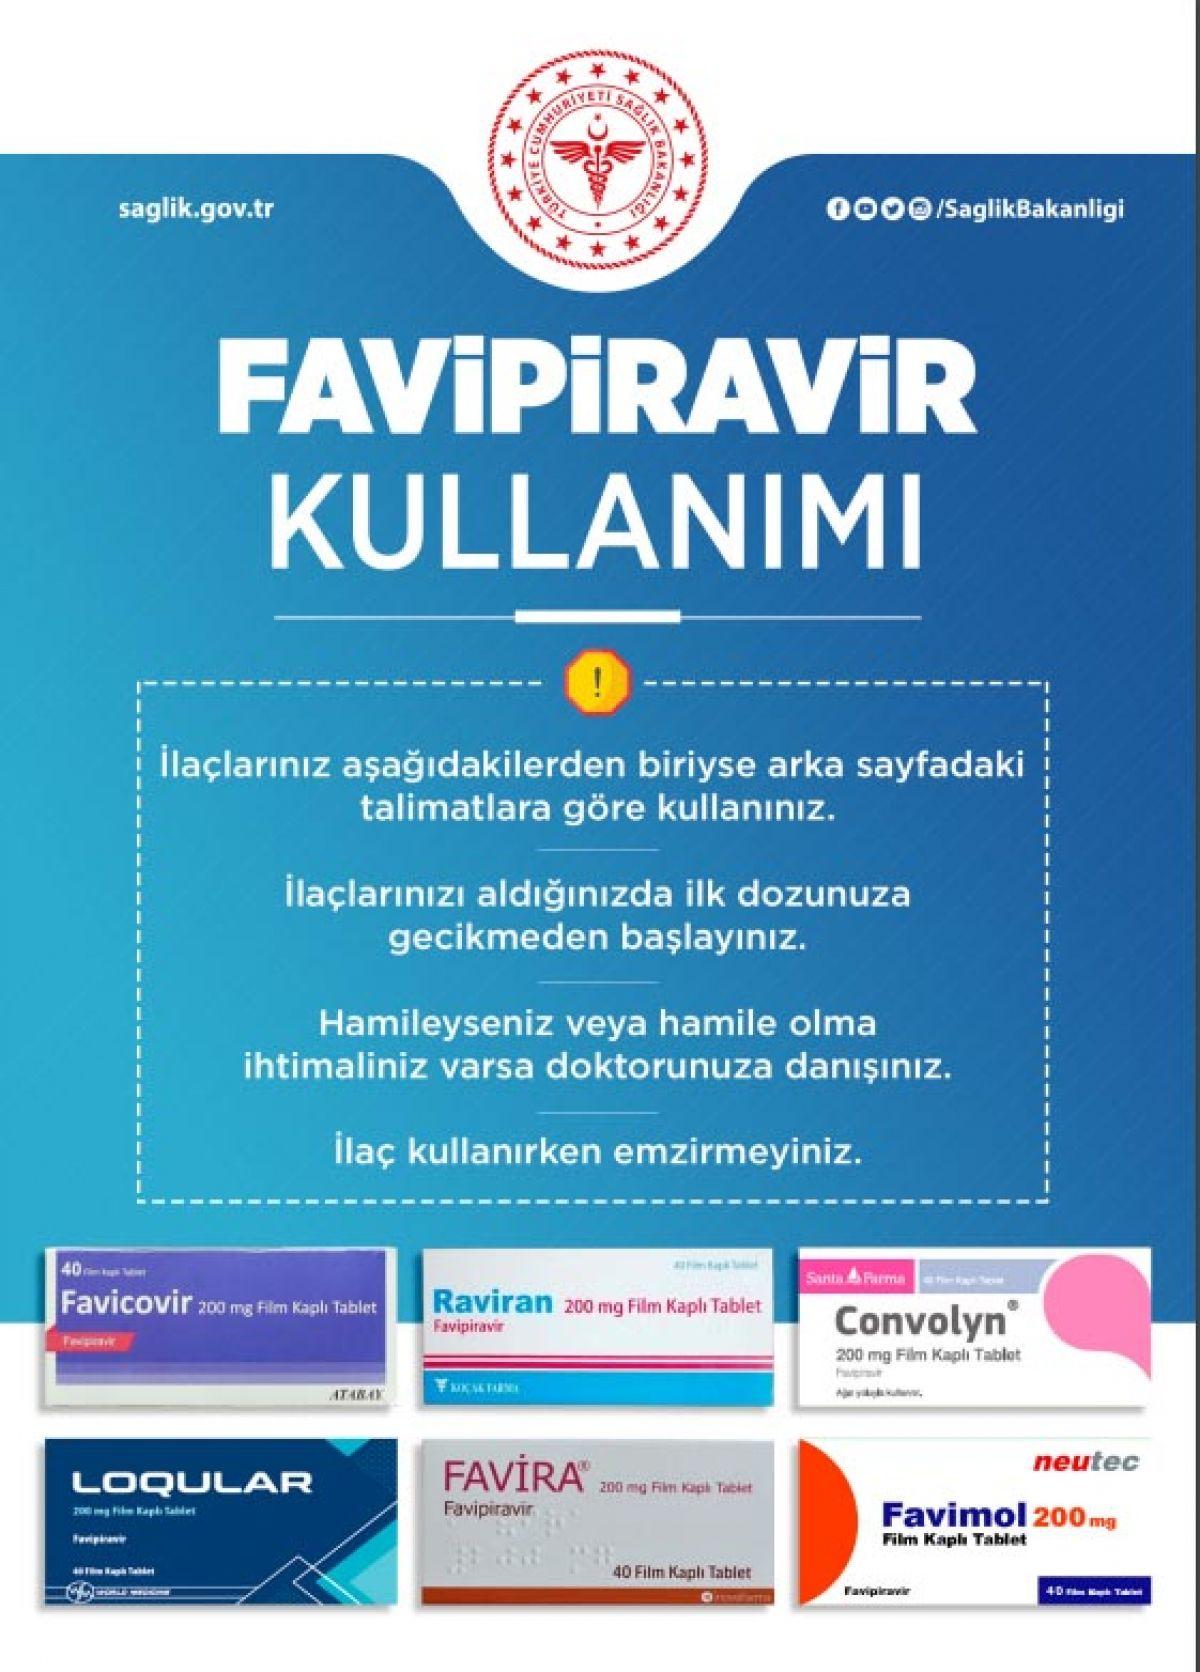 Sağlık Bakanlığı, koronavirüs ilaçlarının doğru kullanımı için broşür hazırladı #2